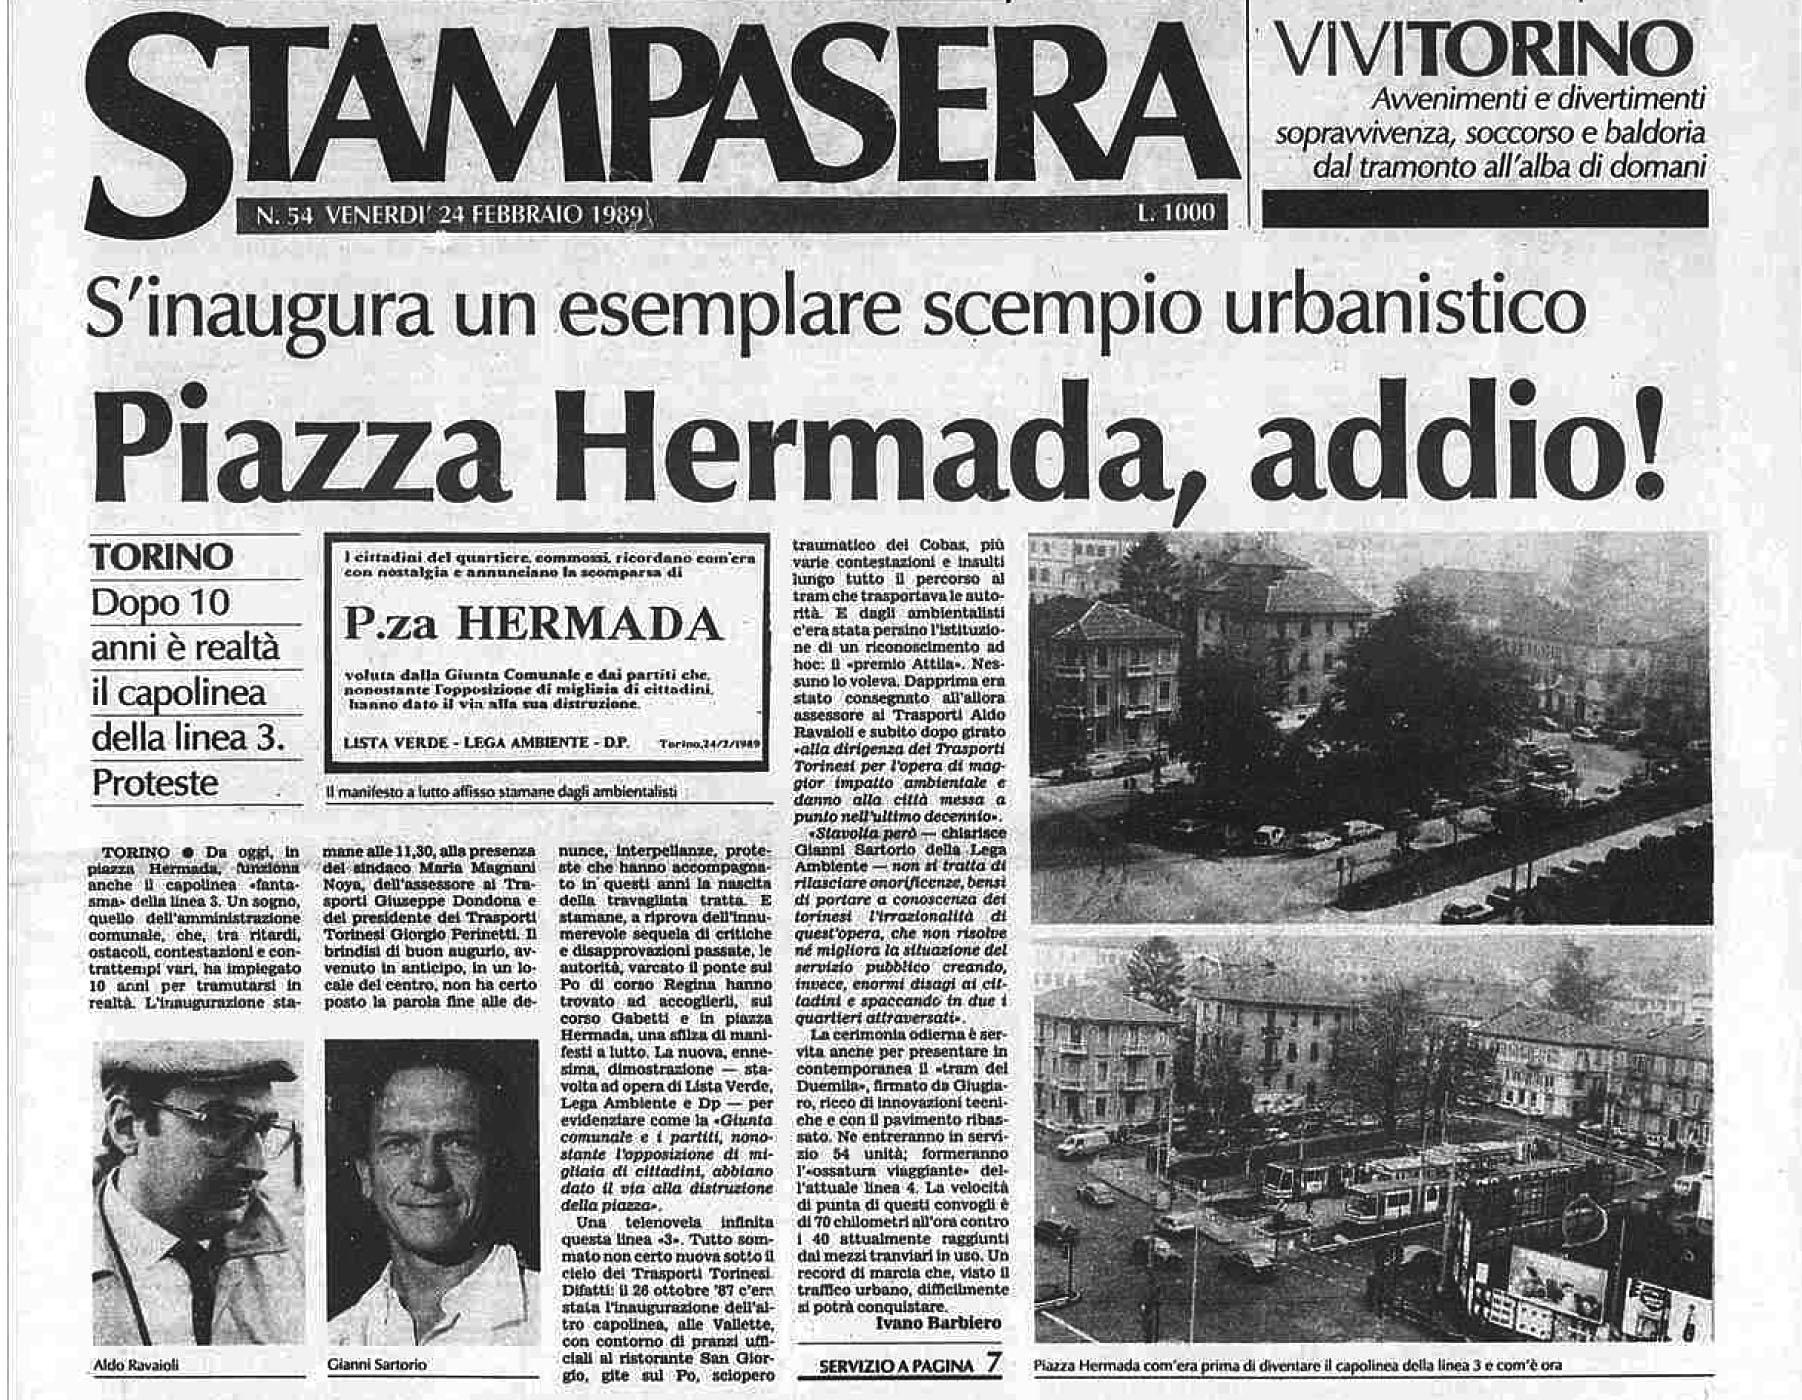 piazza-hermada-addio-pub